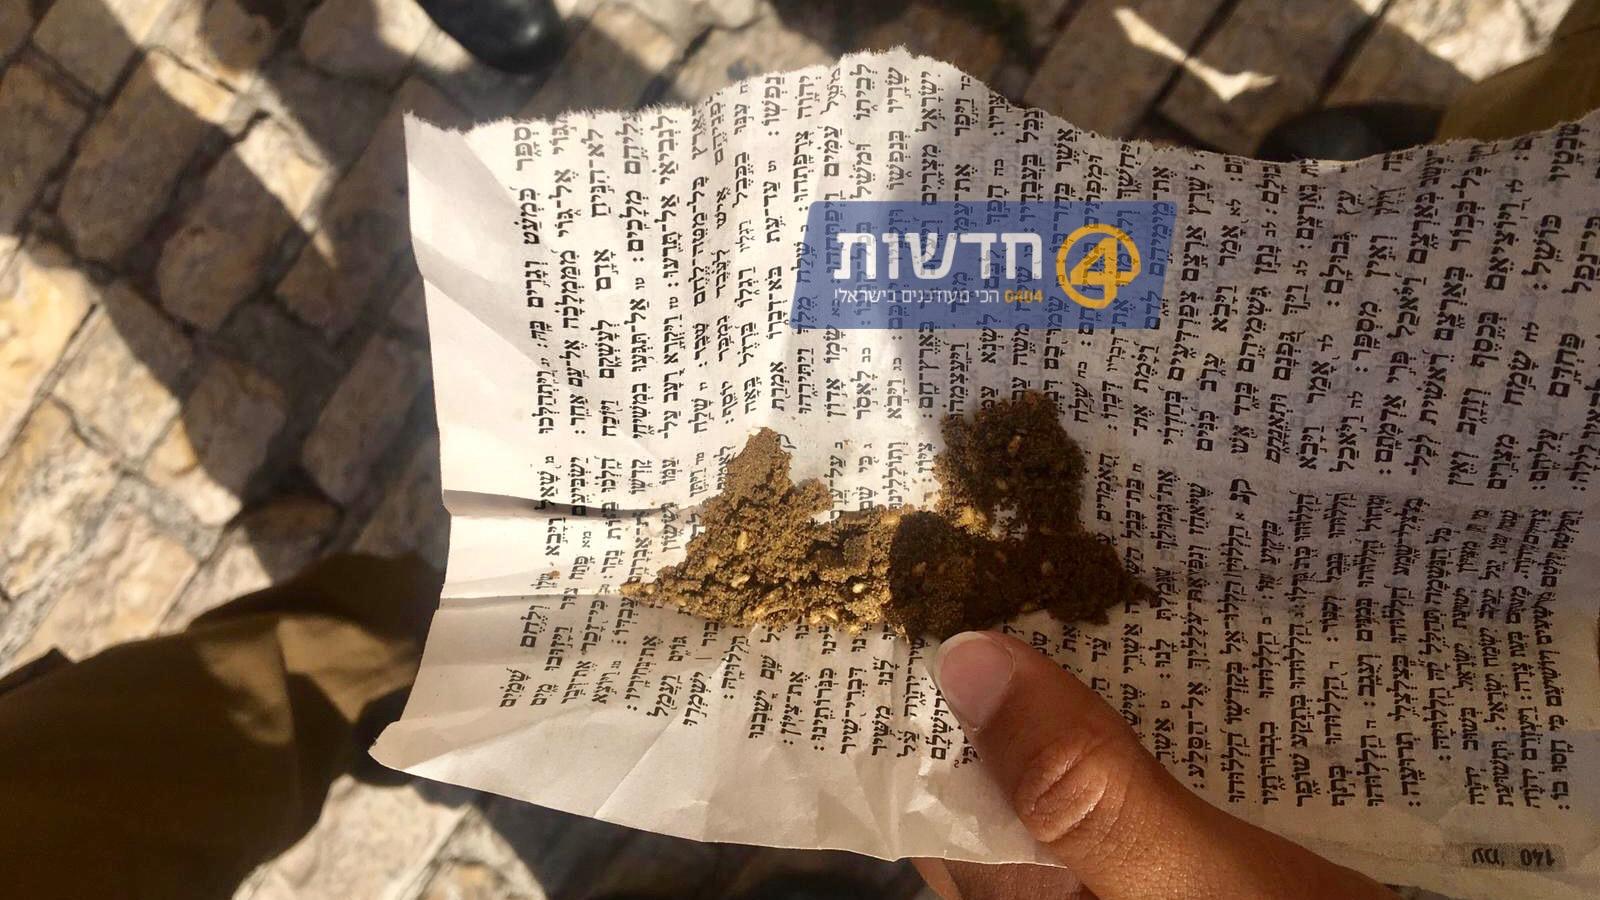 חילול קדשי ישראל: ערבים מוכרים זעתר בירושלים בתוך דפים שנקרעו מספר תהילים